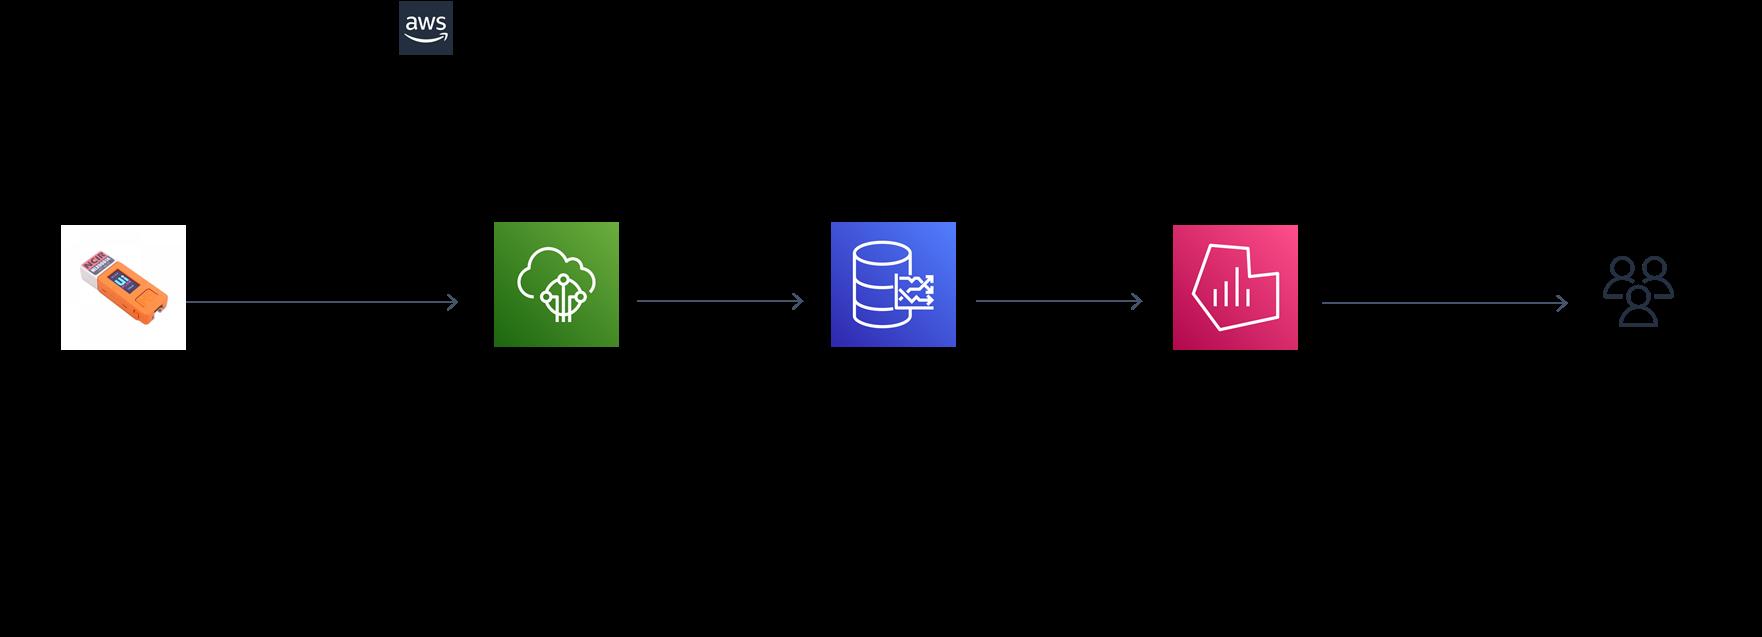 Schéma d'architecture montrant le flux de données provenant de M5StickC, IoT Core, Timestream, et AMG jusqu'aux utilisateurs finaux.